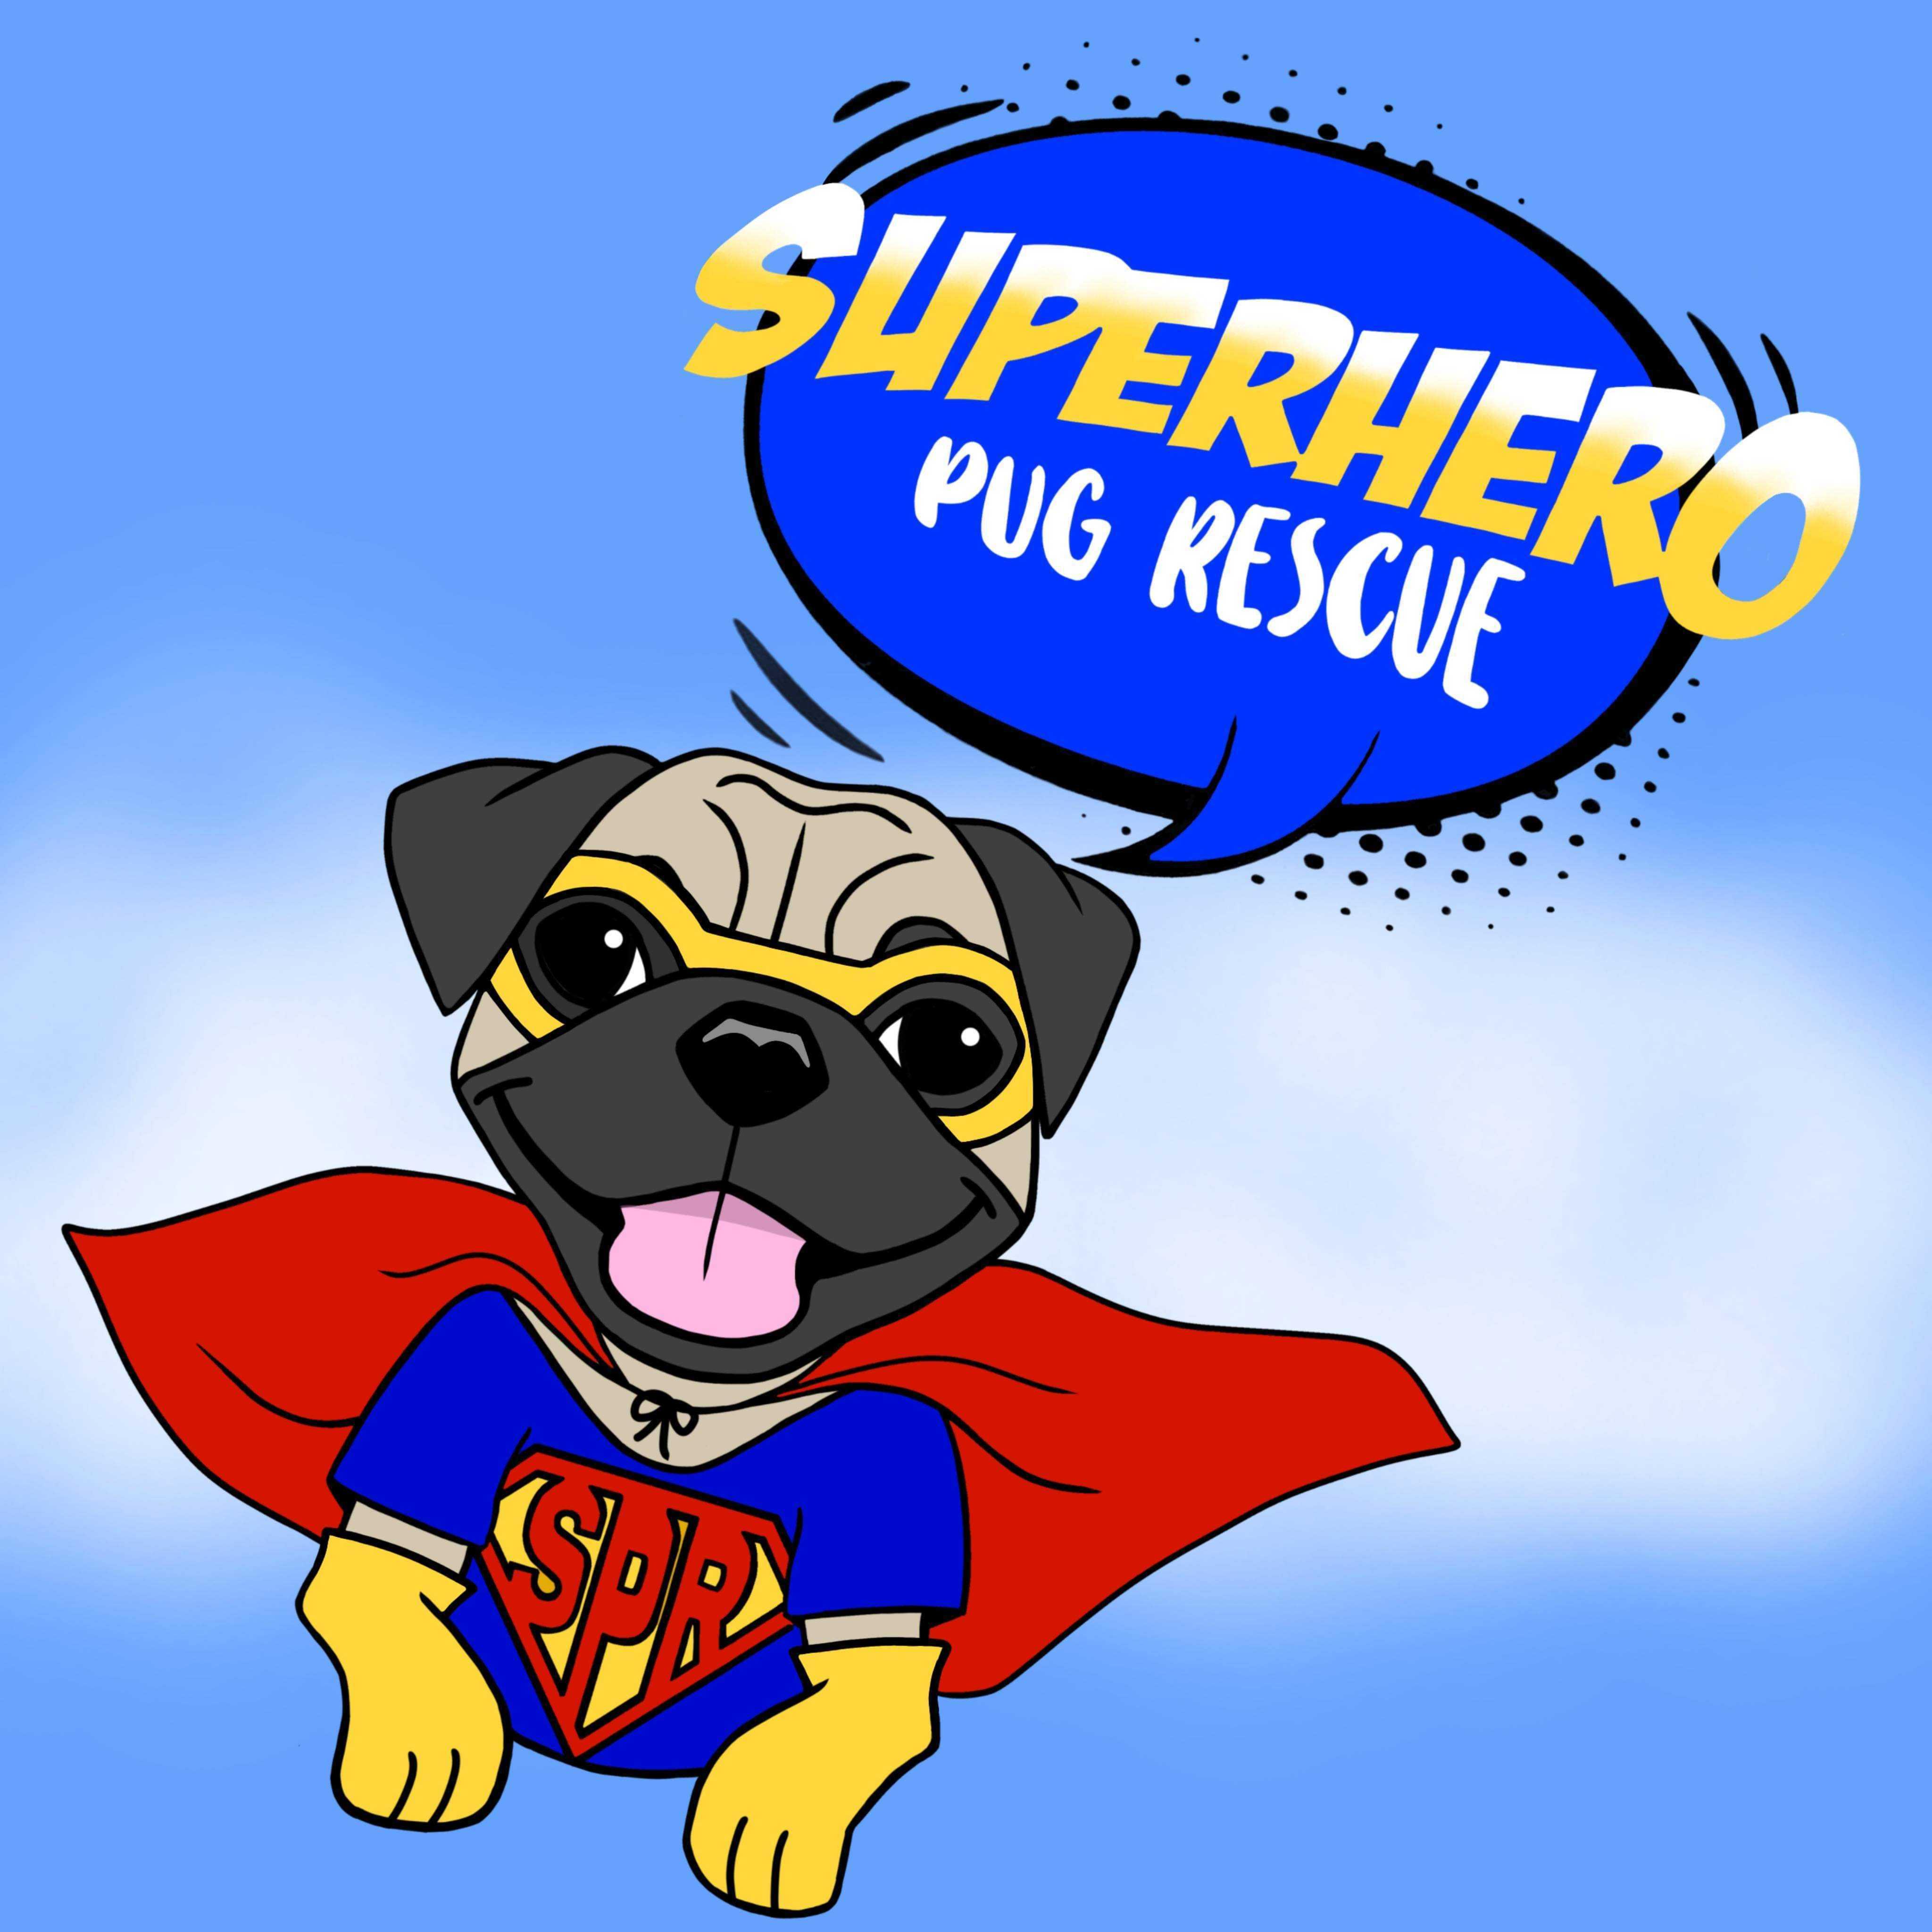 Superhero Pug Rescue